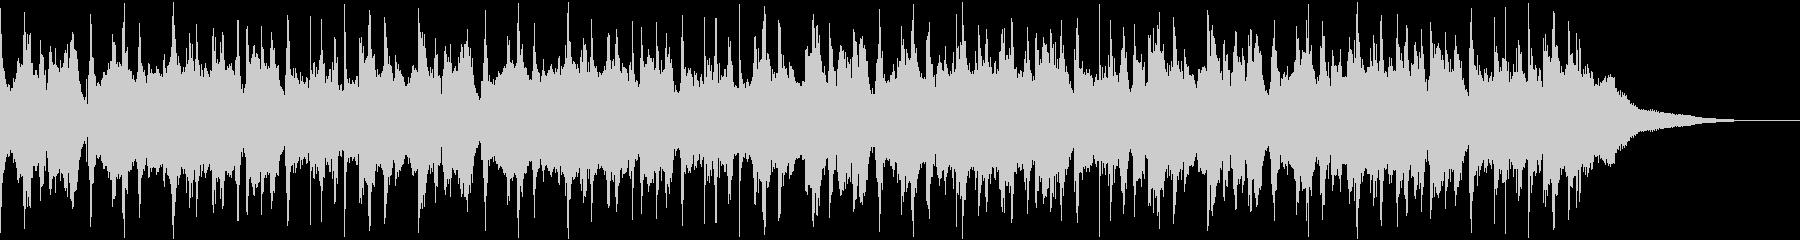 ウクレレとギターのポップスの未再生の波形